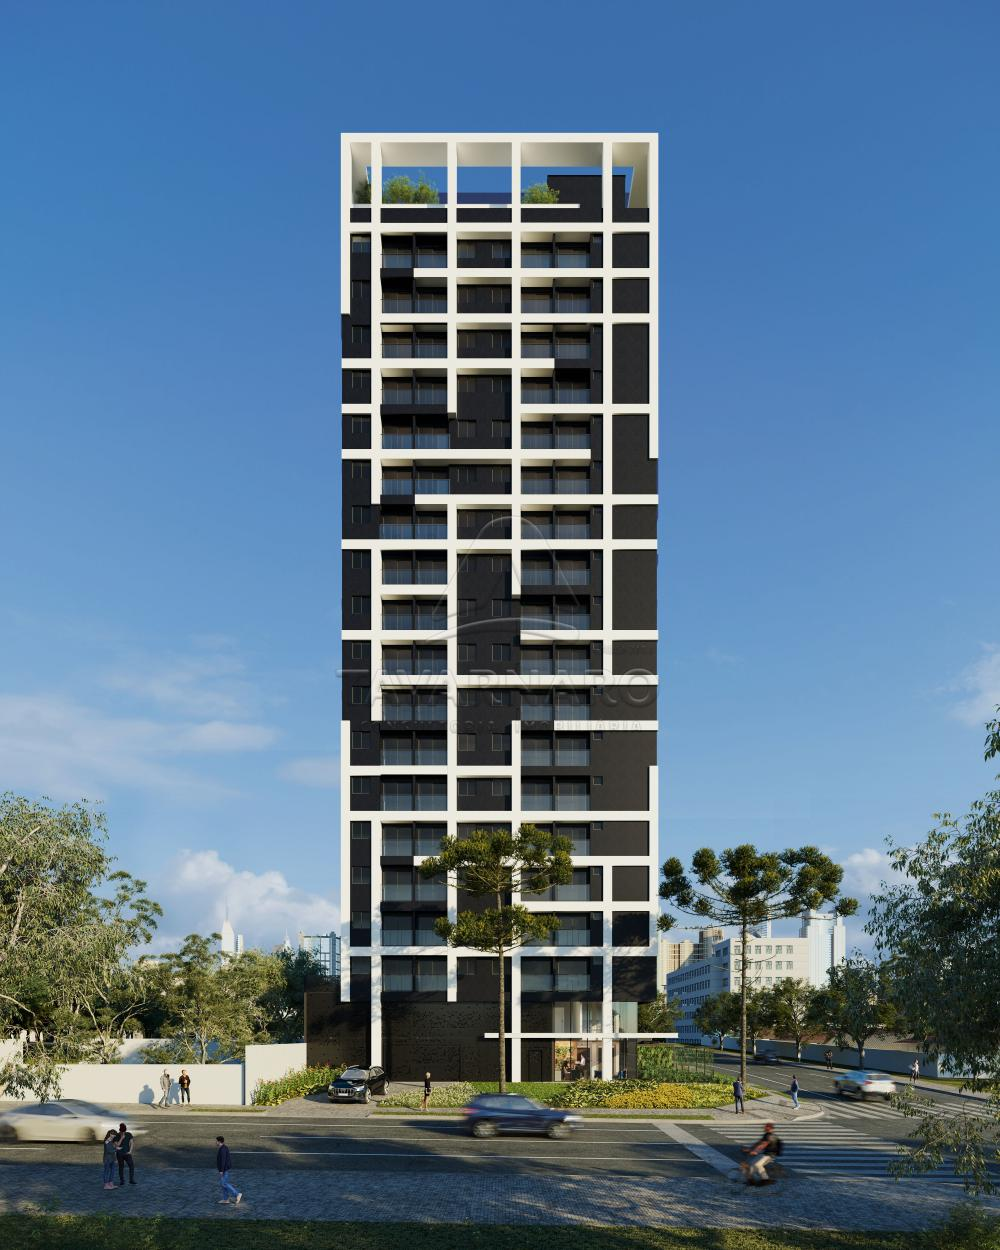 Comprar Apartamento / Padrão em Curitiba apenas R$ 193.236,75 - Foto 2